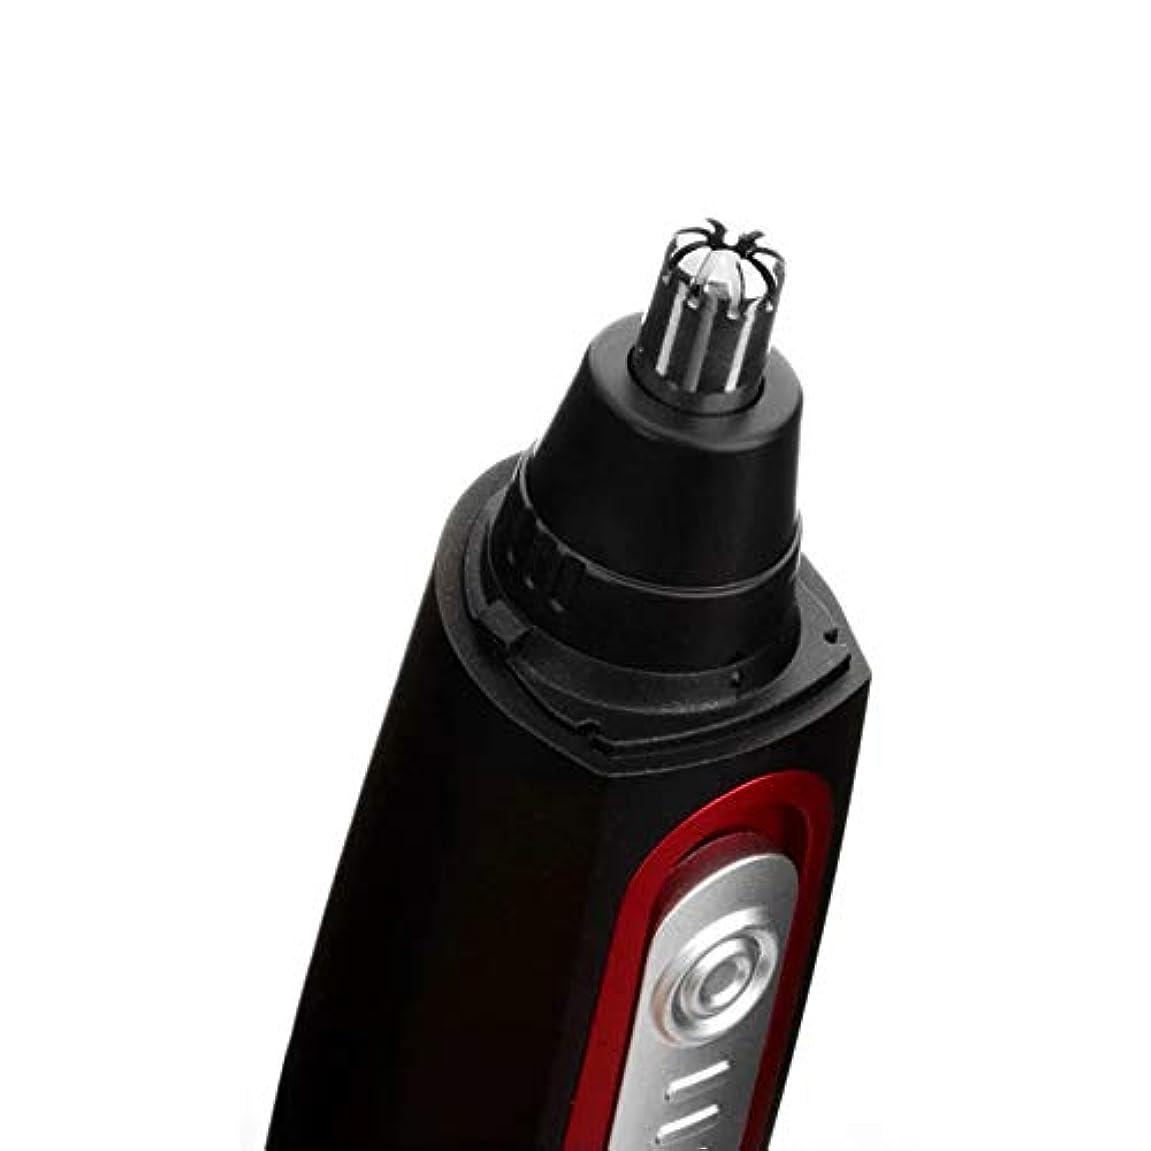 怠な損なう特徴ノーズヘアトリマー/メンズシェービングノーズヘアスクレーピングノーズヘアハサミ/ 360°効果的なキャプチャー/三次元ロータリーカッターヘッドデザイン/ 14cm 作り方がすぐれている